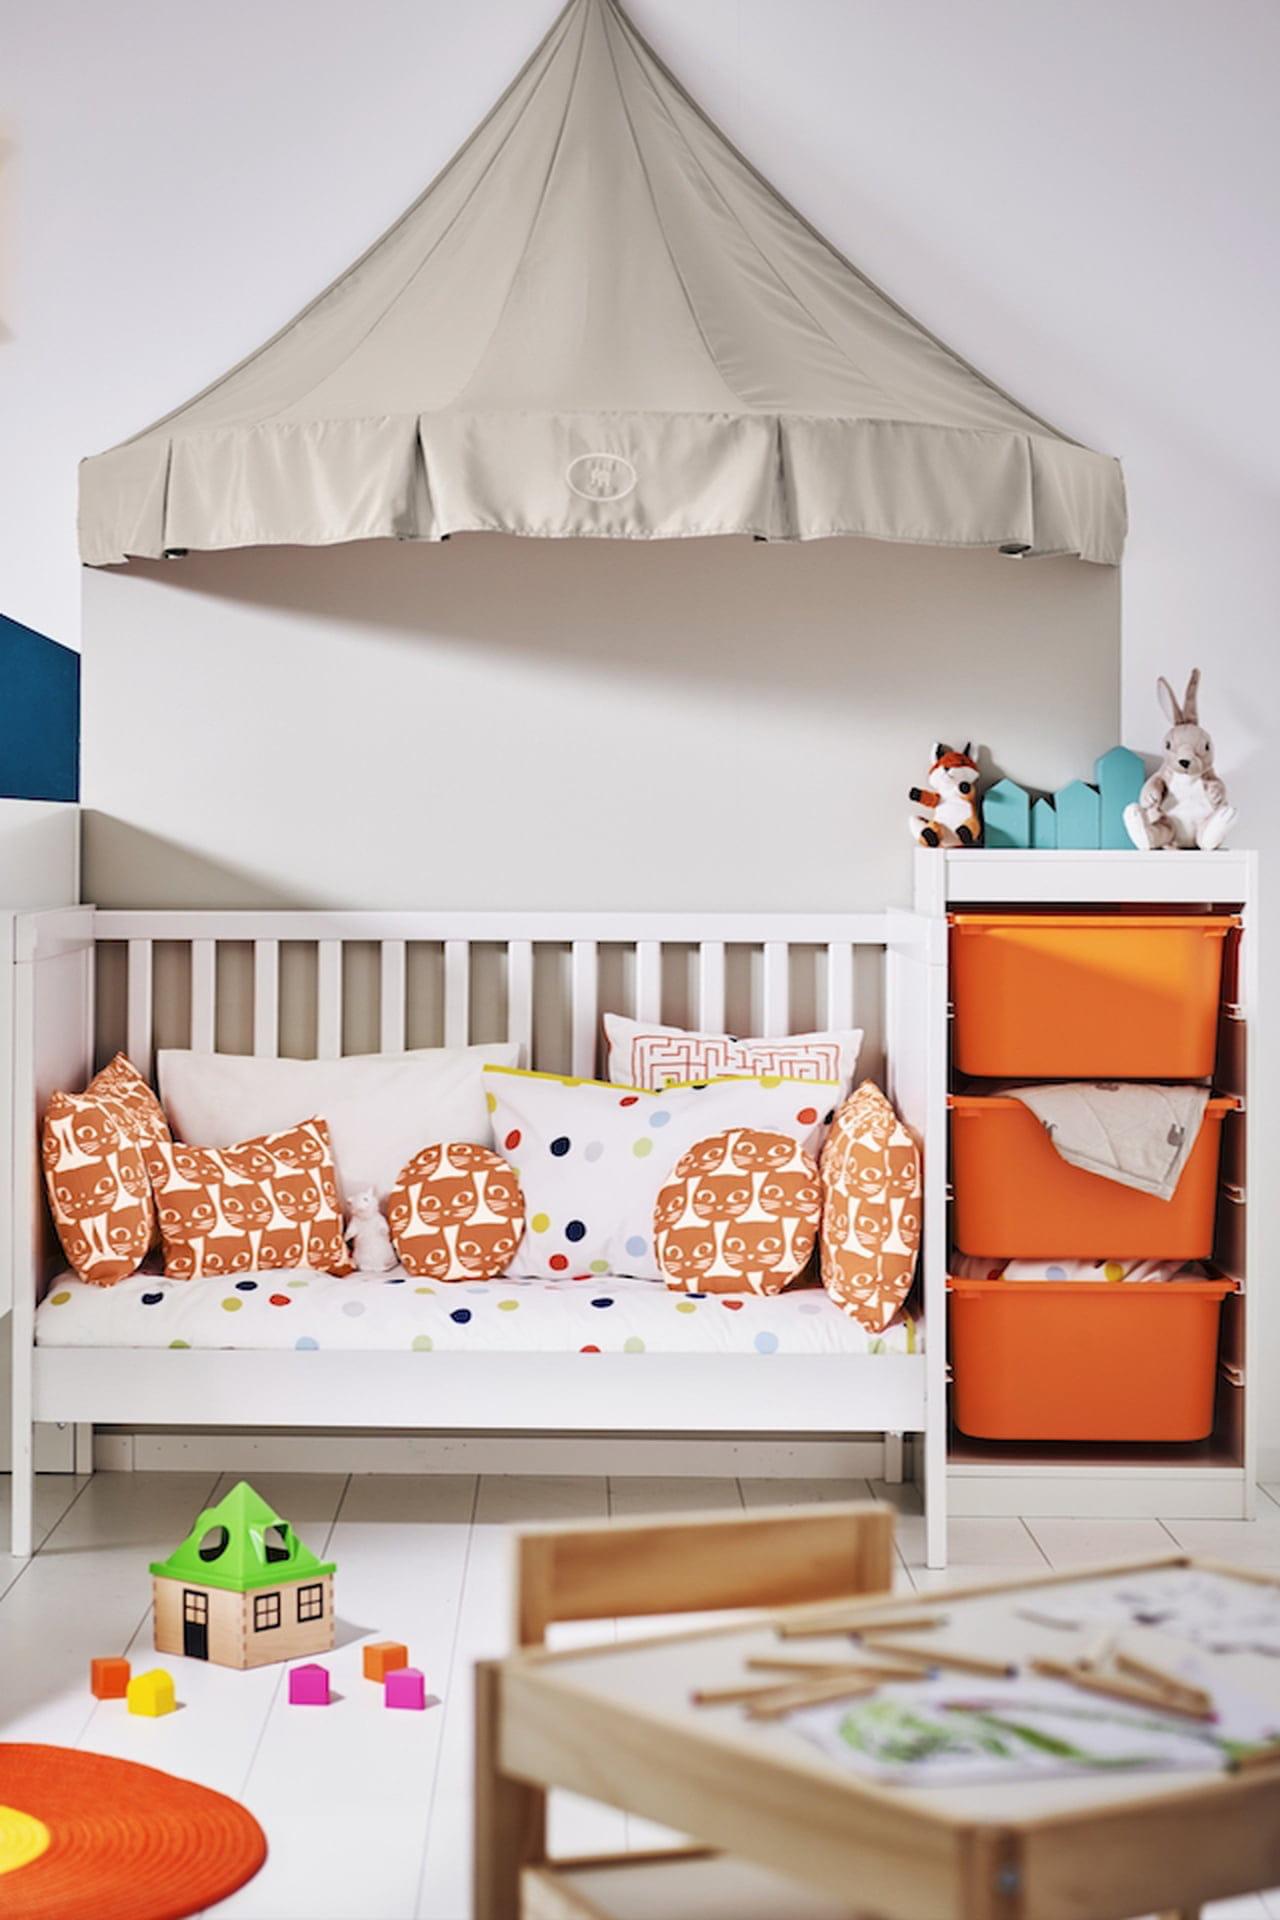 Letto Ikea A Baldacchino.Camerette Ikea Proposte Per Neonati Bambini E Ragazzi Magazine